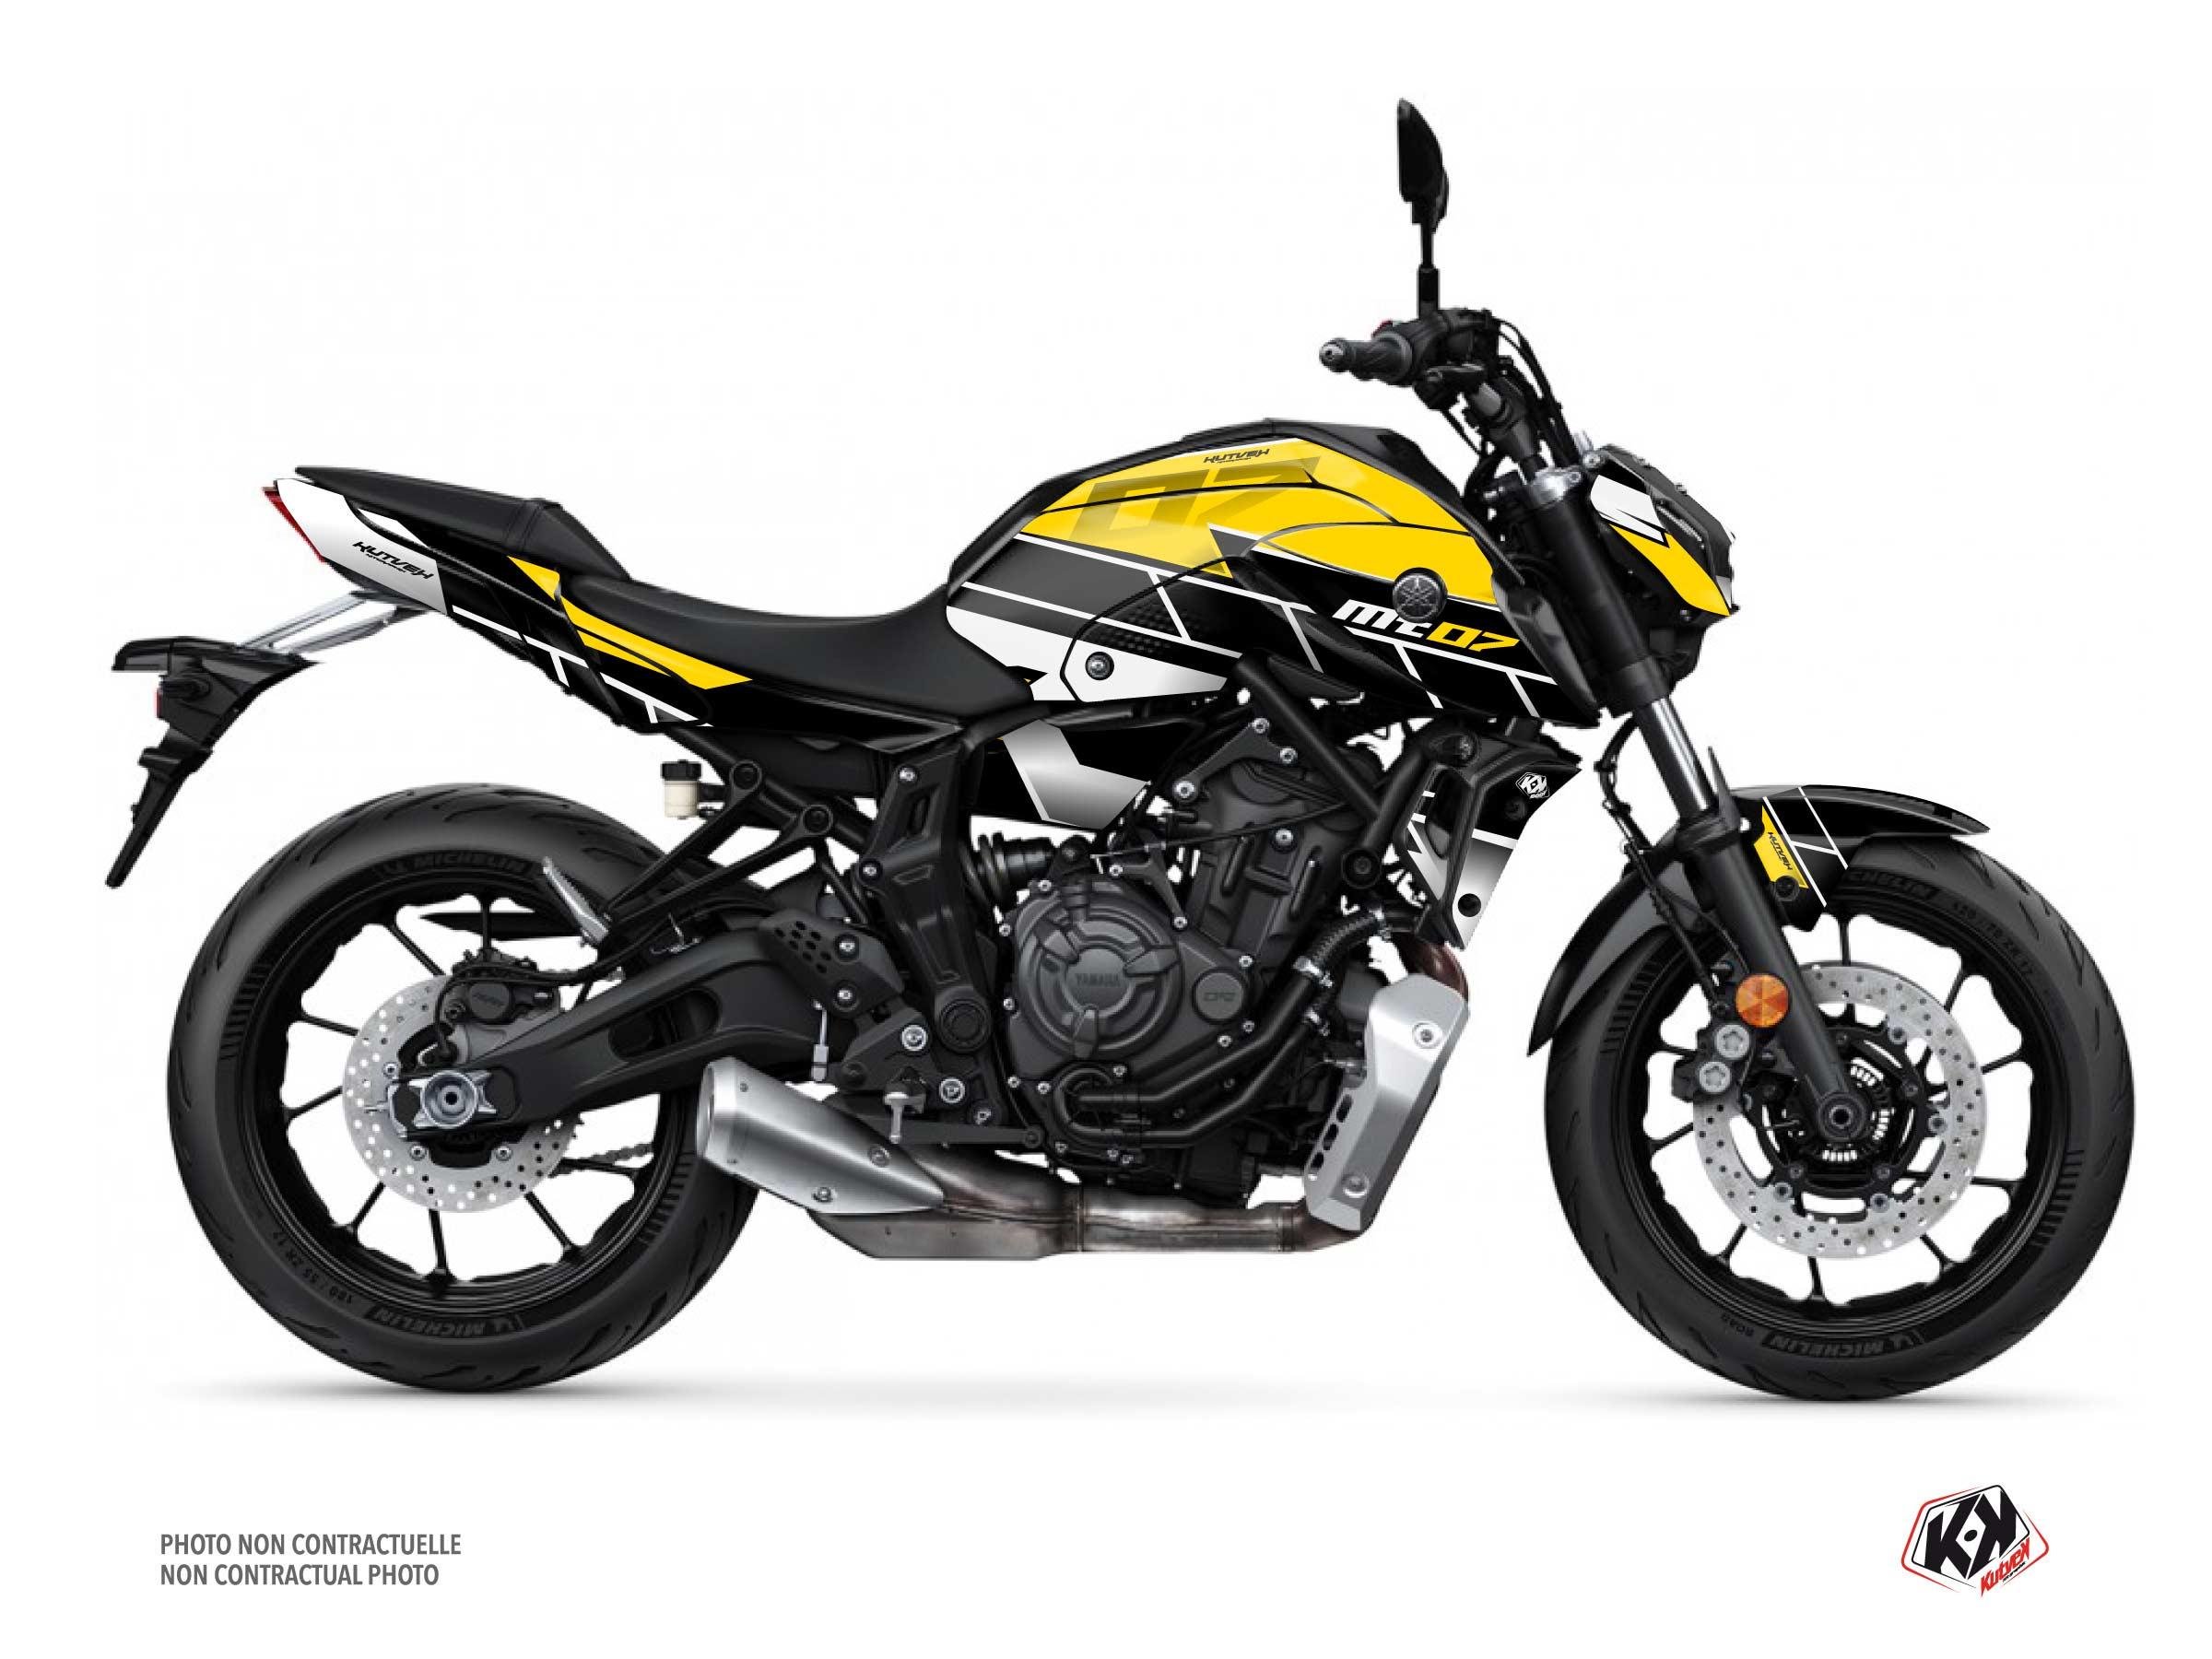 Kit Déco Moto Conquer Yamaha MT 07 Noir